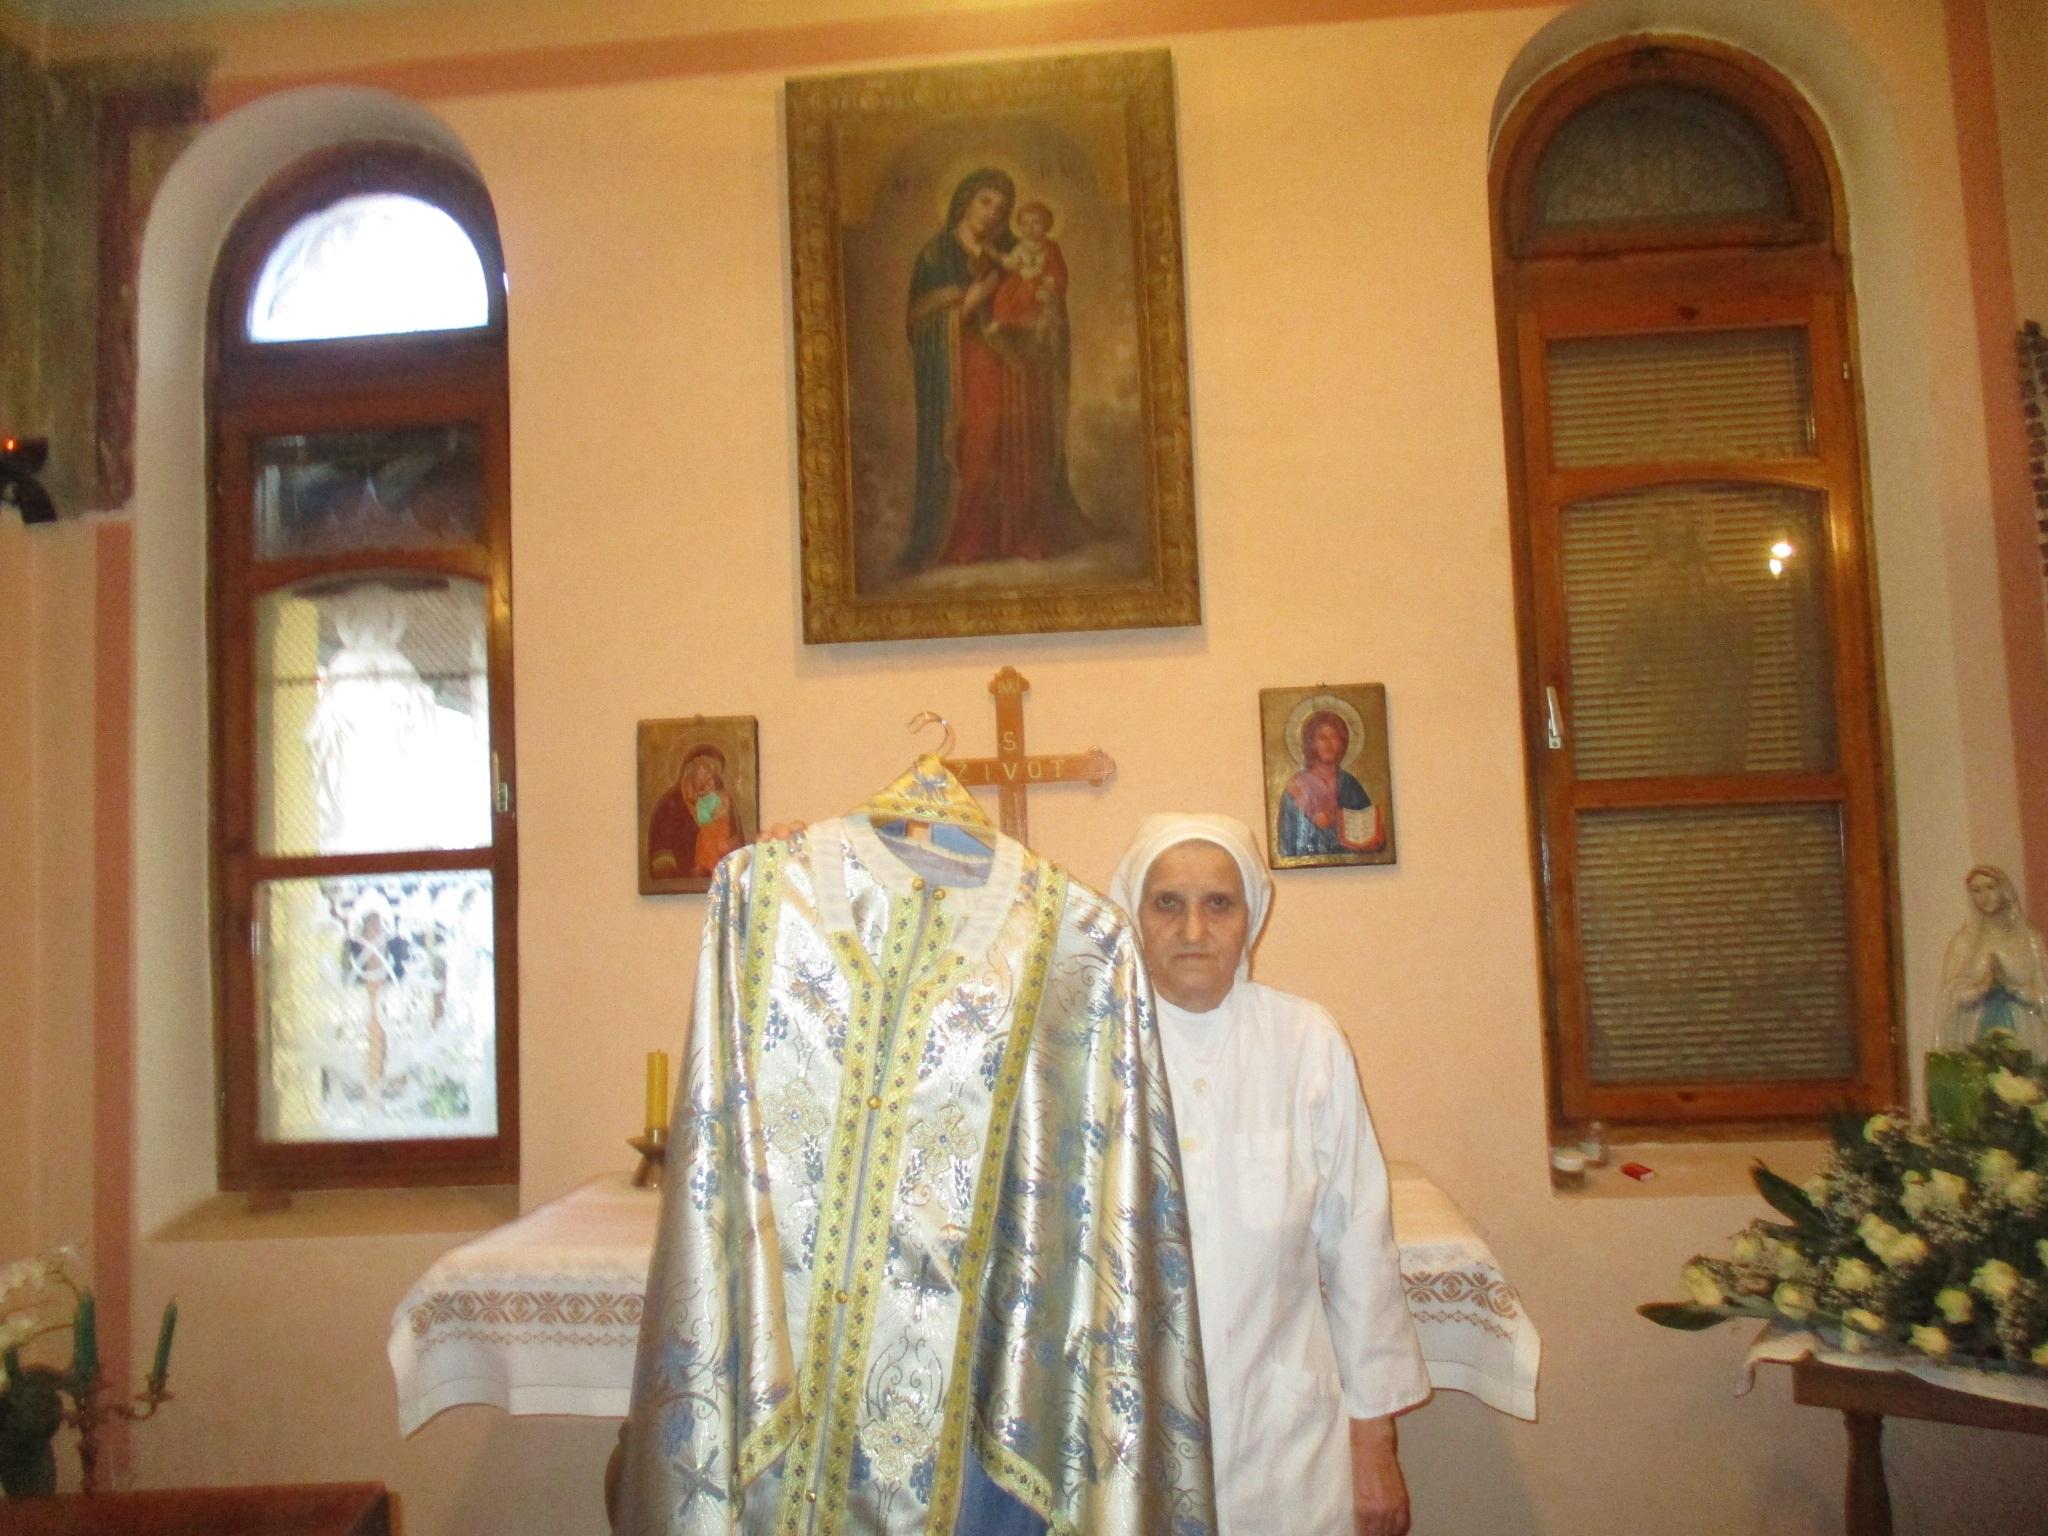 Bogorodica uslišala molitve i podarila zdravlje, a vjernici u znak zahvalnosti darovali crkveno odijelo i ikone